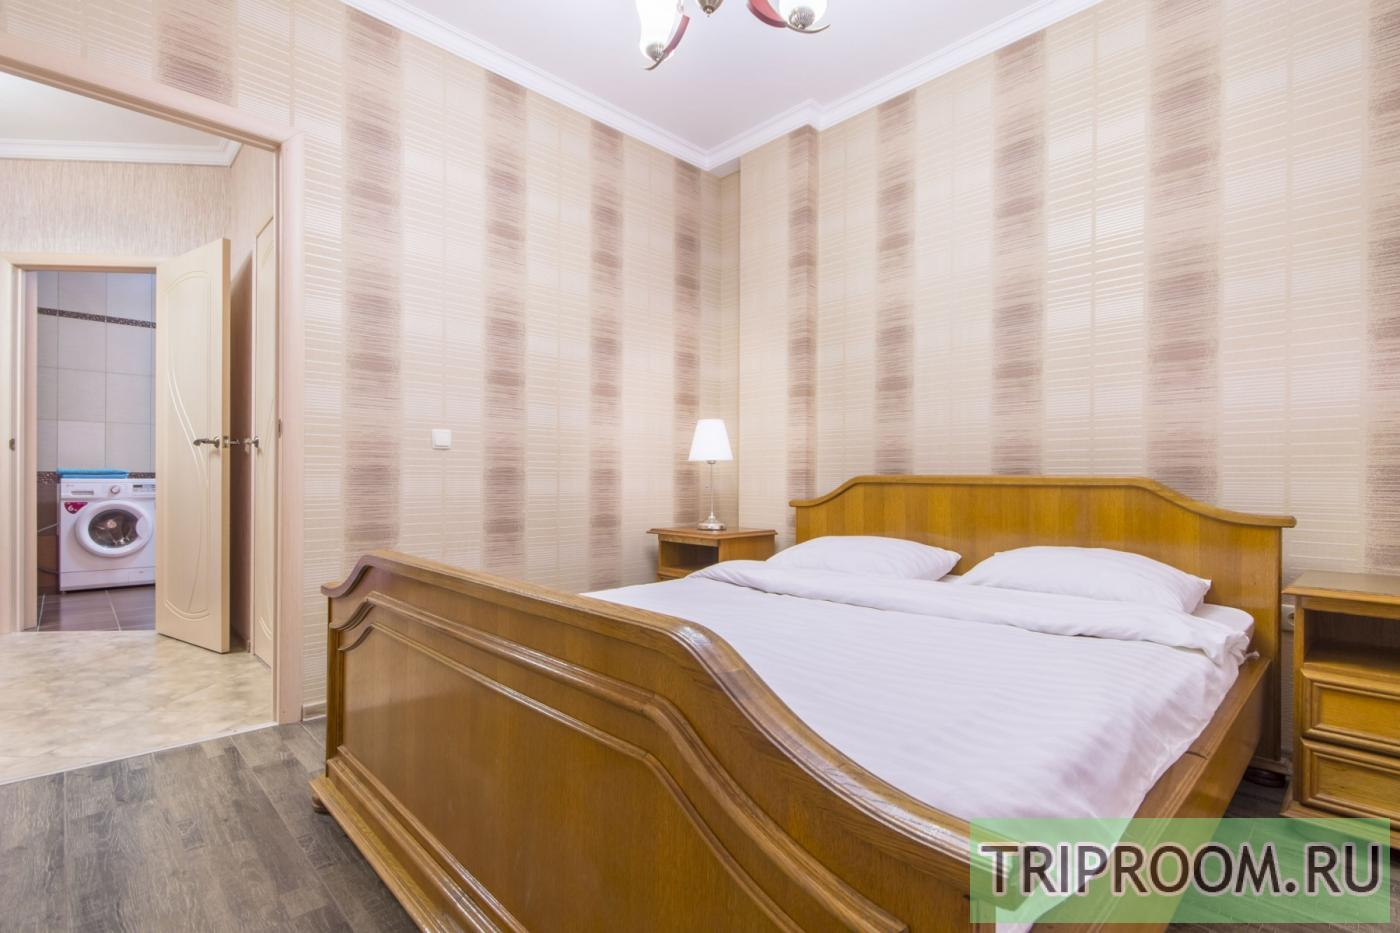 2-комнатная квартира посуточно (вариант № 29193), ул. Зиповская улица, фото № 2